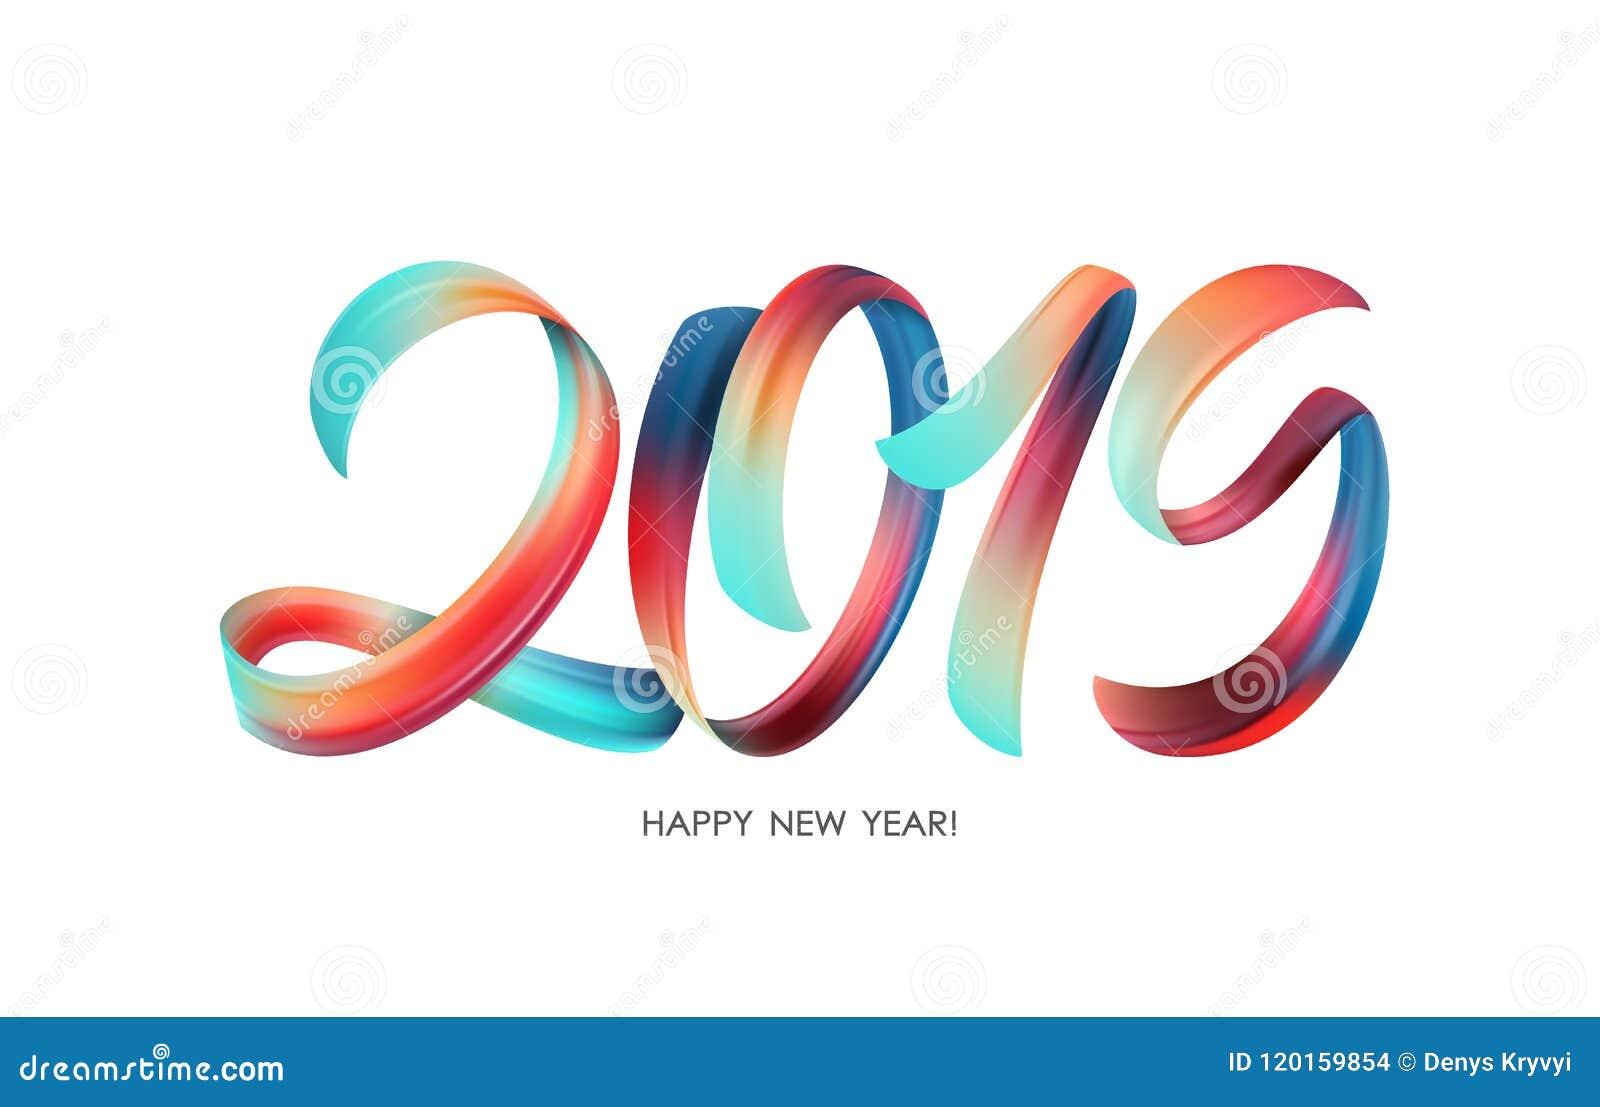 Διανυσματική απεικόνιση: Ζωηρόχρωμη καλλιγραφία εγγραφής χρωμάτων Brushstroke του 2019 καλή χρονιά στο άσπρο υπόβαθρο